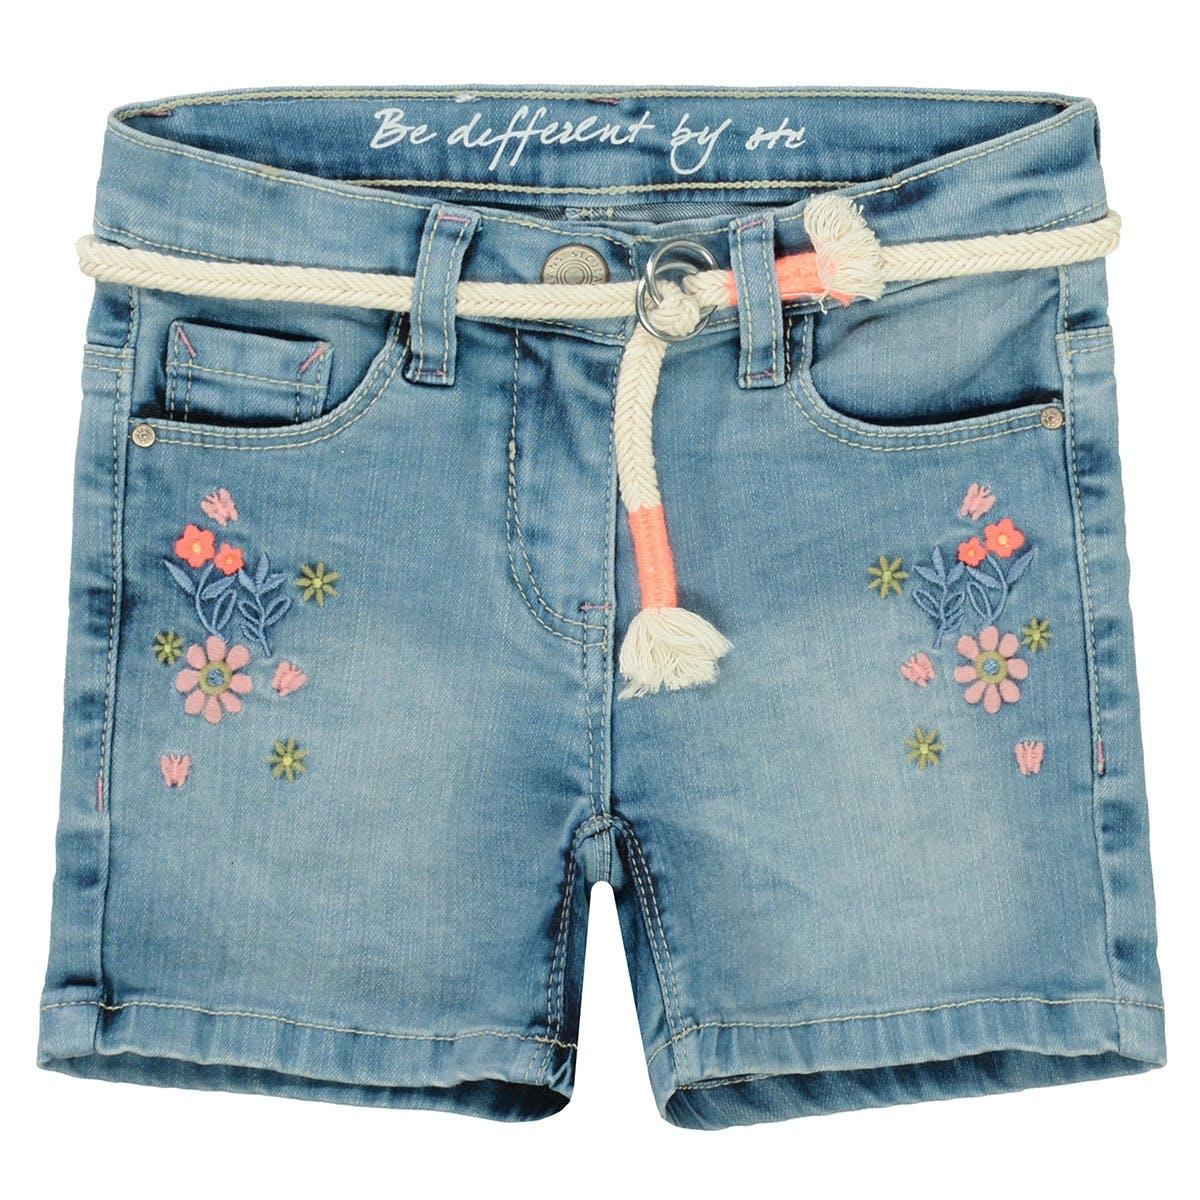 Mädchen Jeans Shorts mit Stickerei - Light Blue Denim